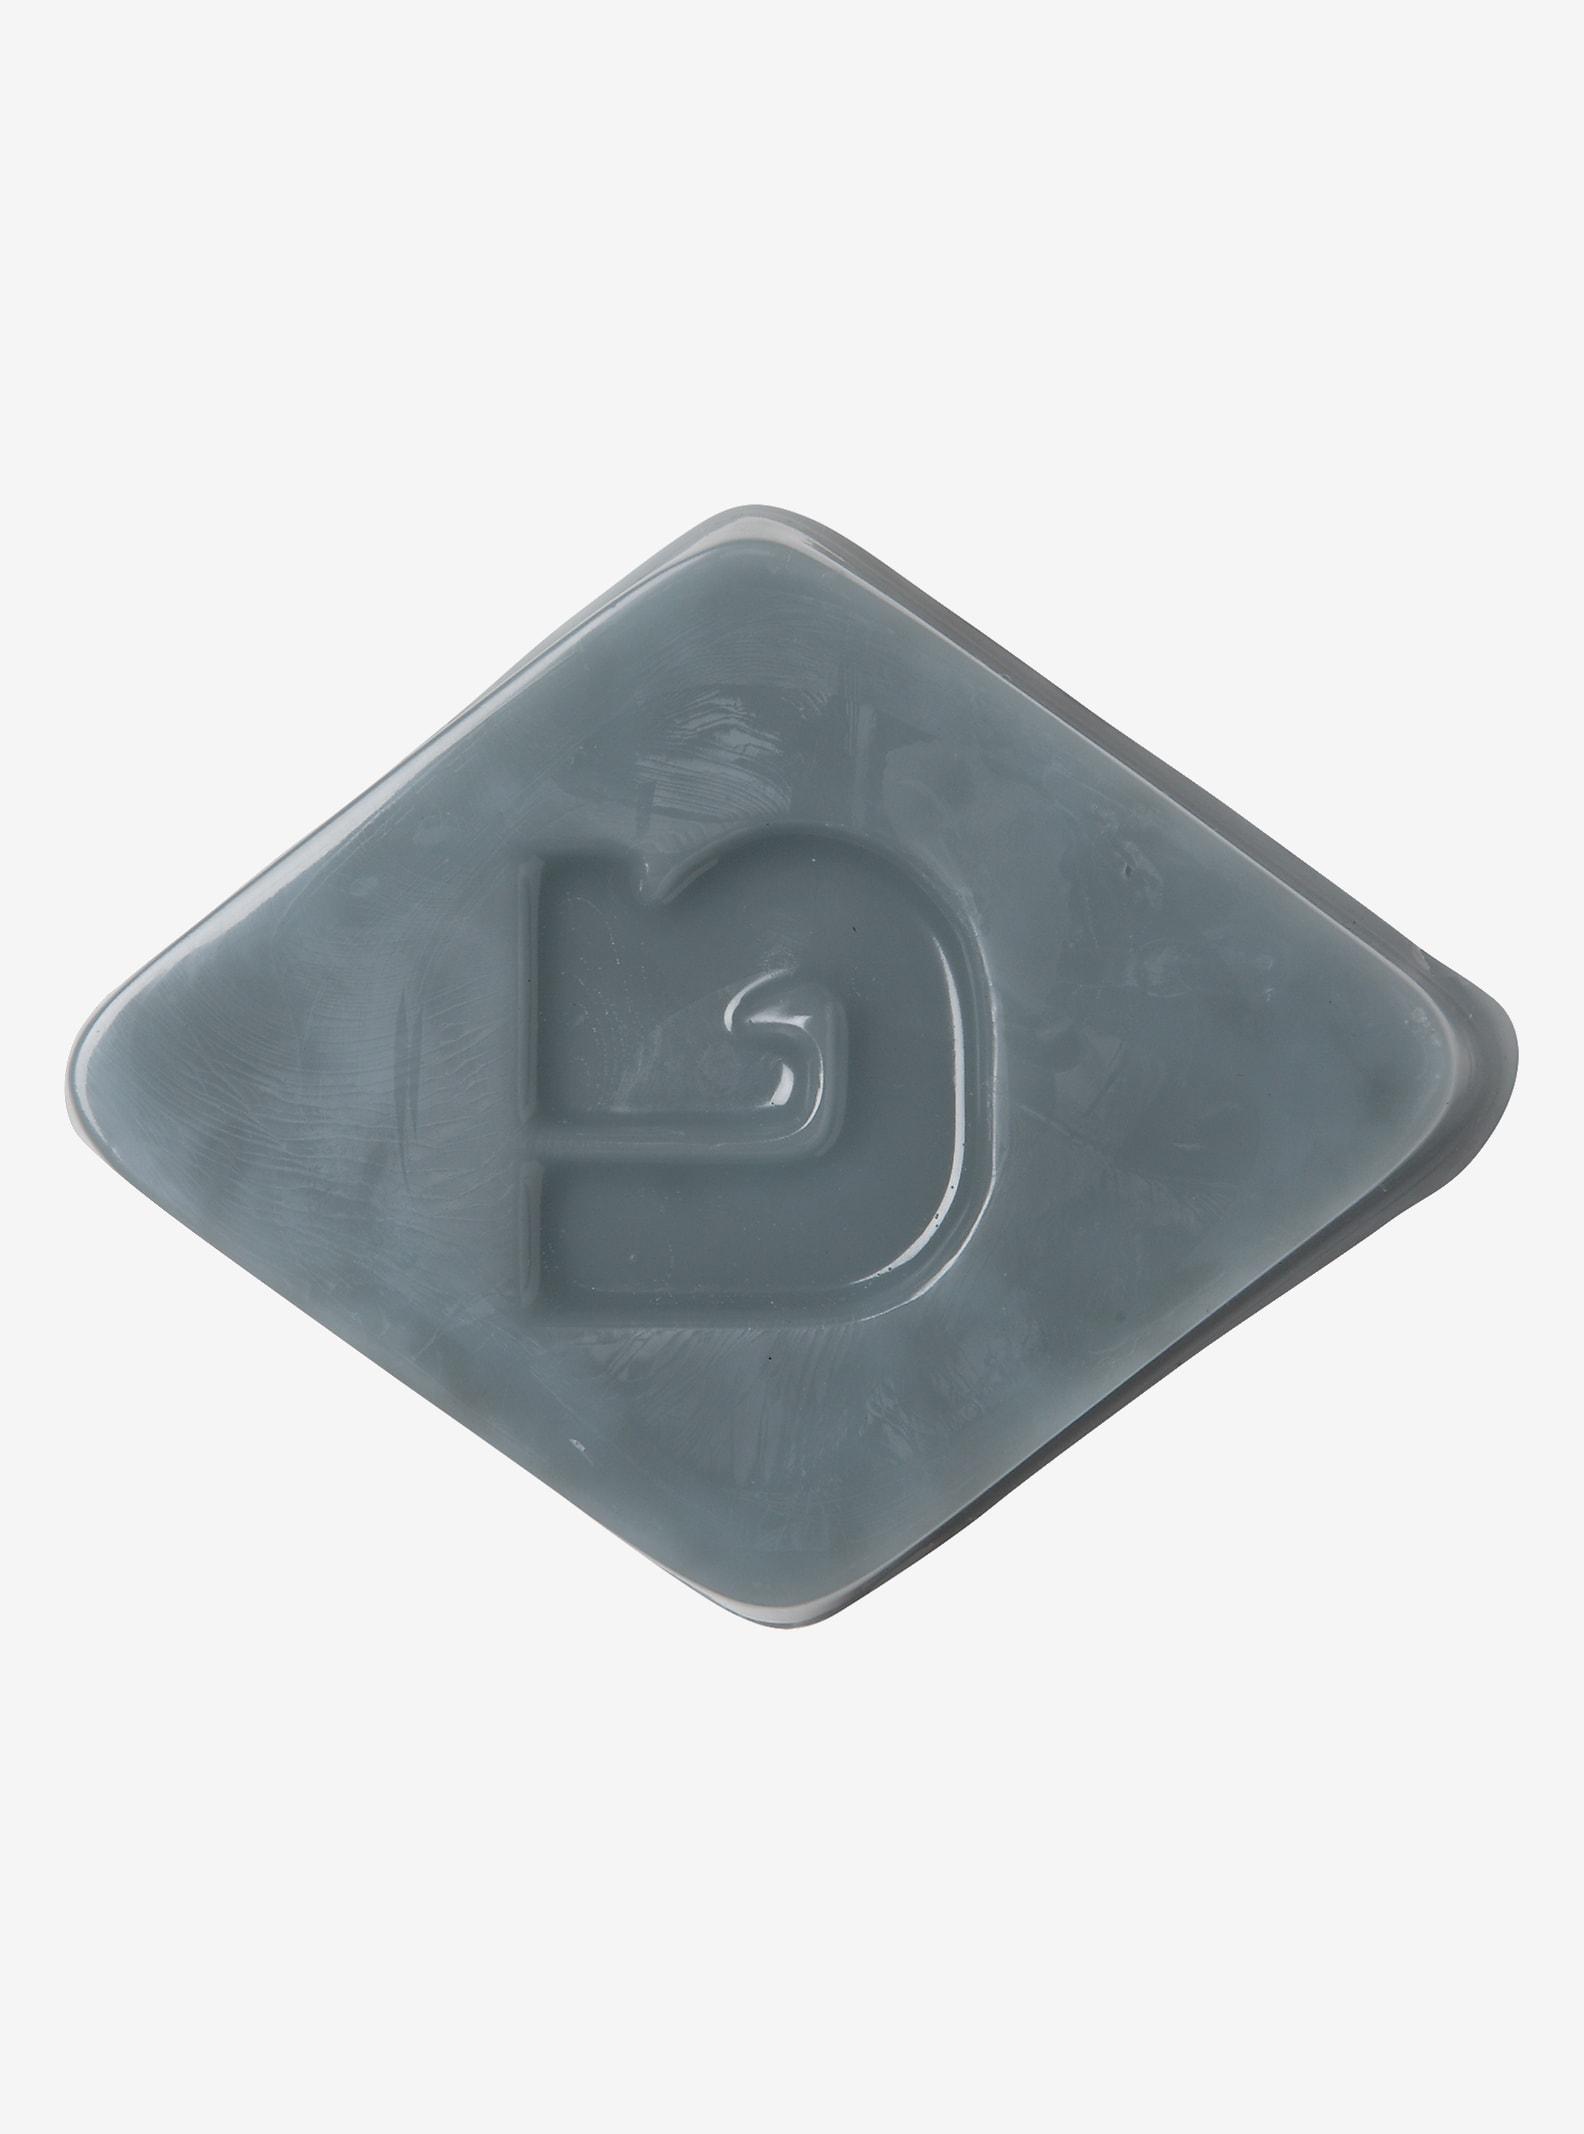 Burton Fastest Universal-Wachs angezeigt in Gray